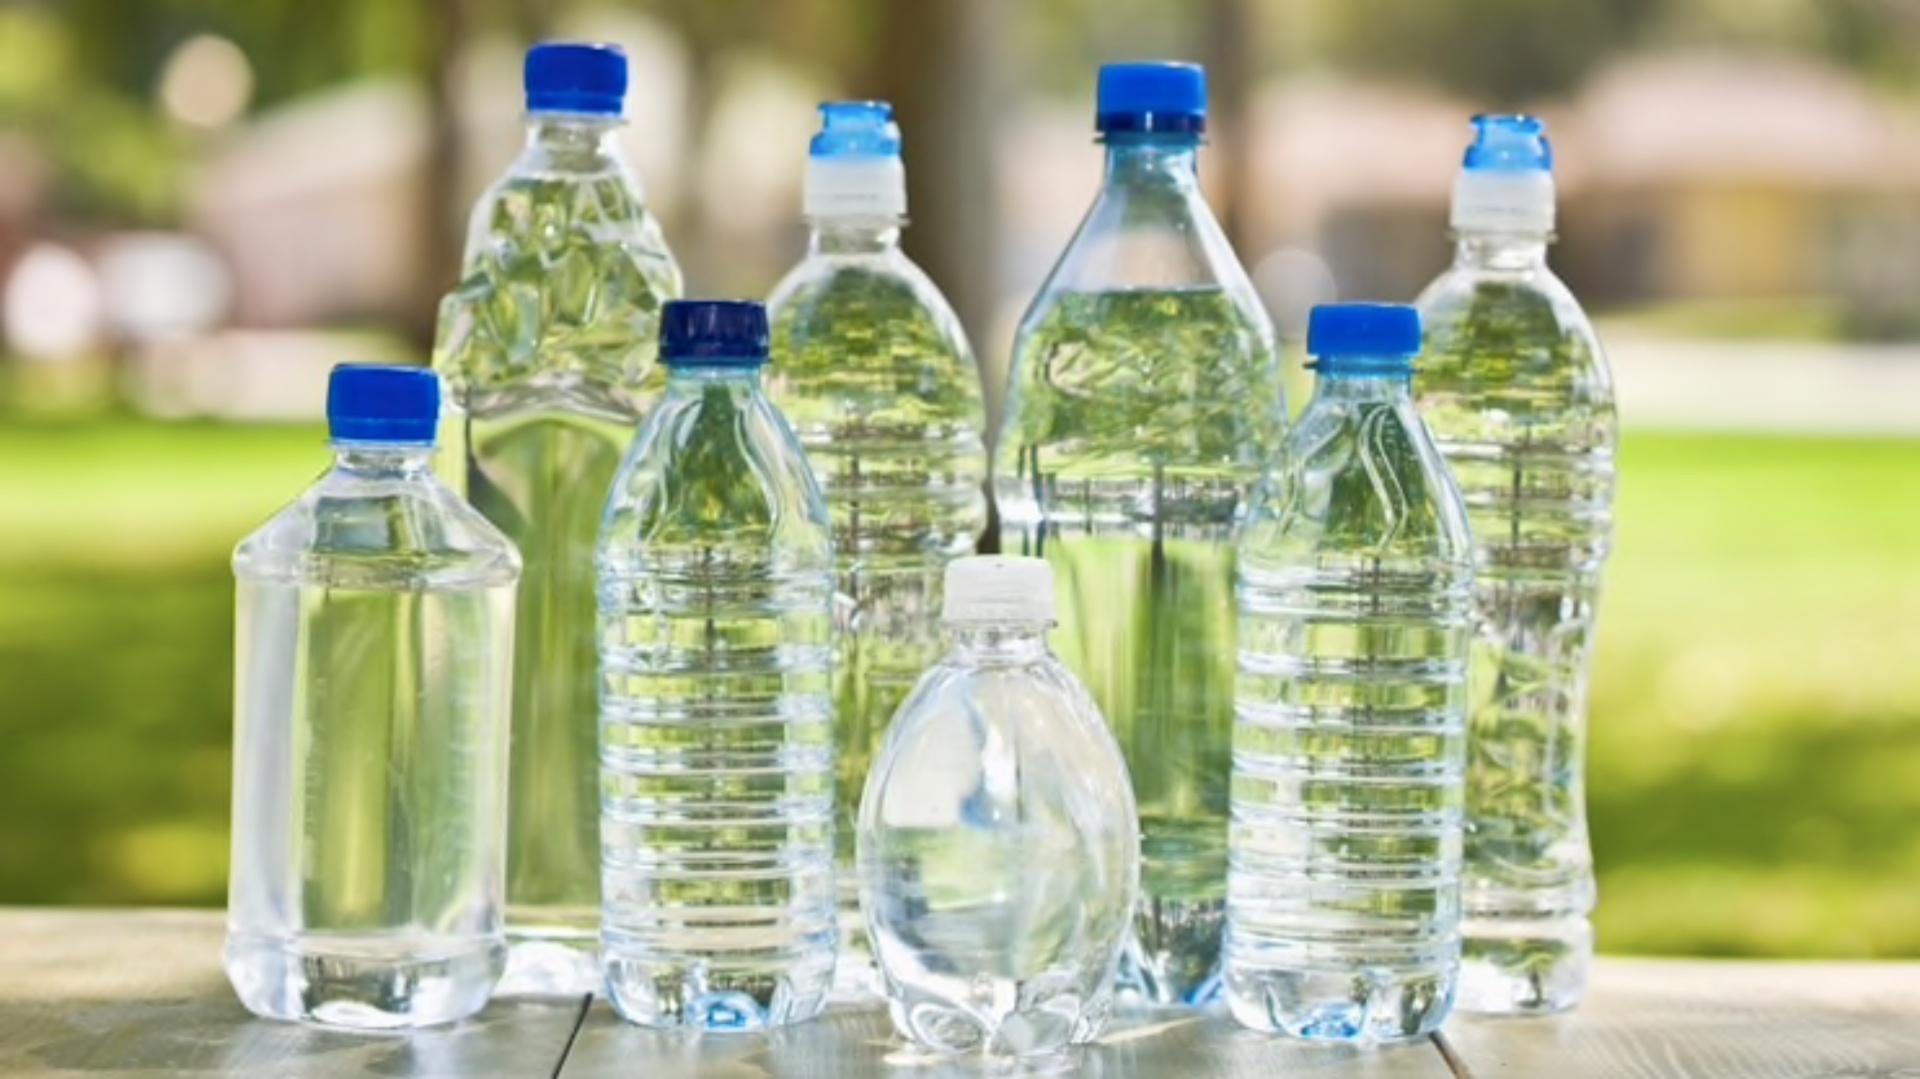 Un estudio confirmó alarmantes cantidades de arsénico en algunas botellas de agua (Foto: iStock)